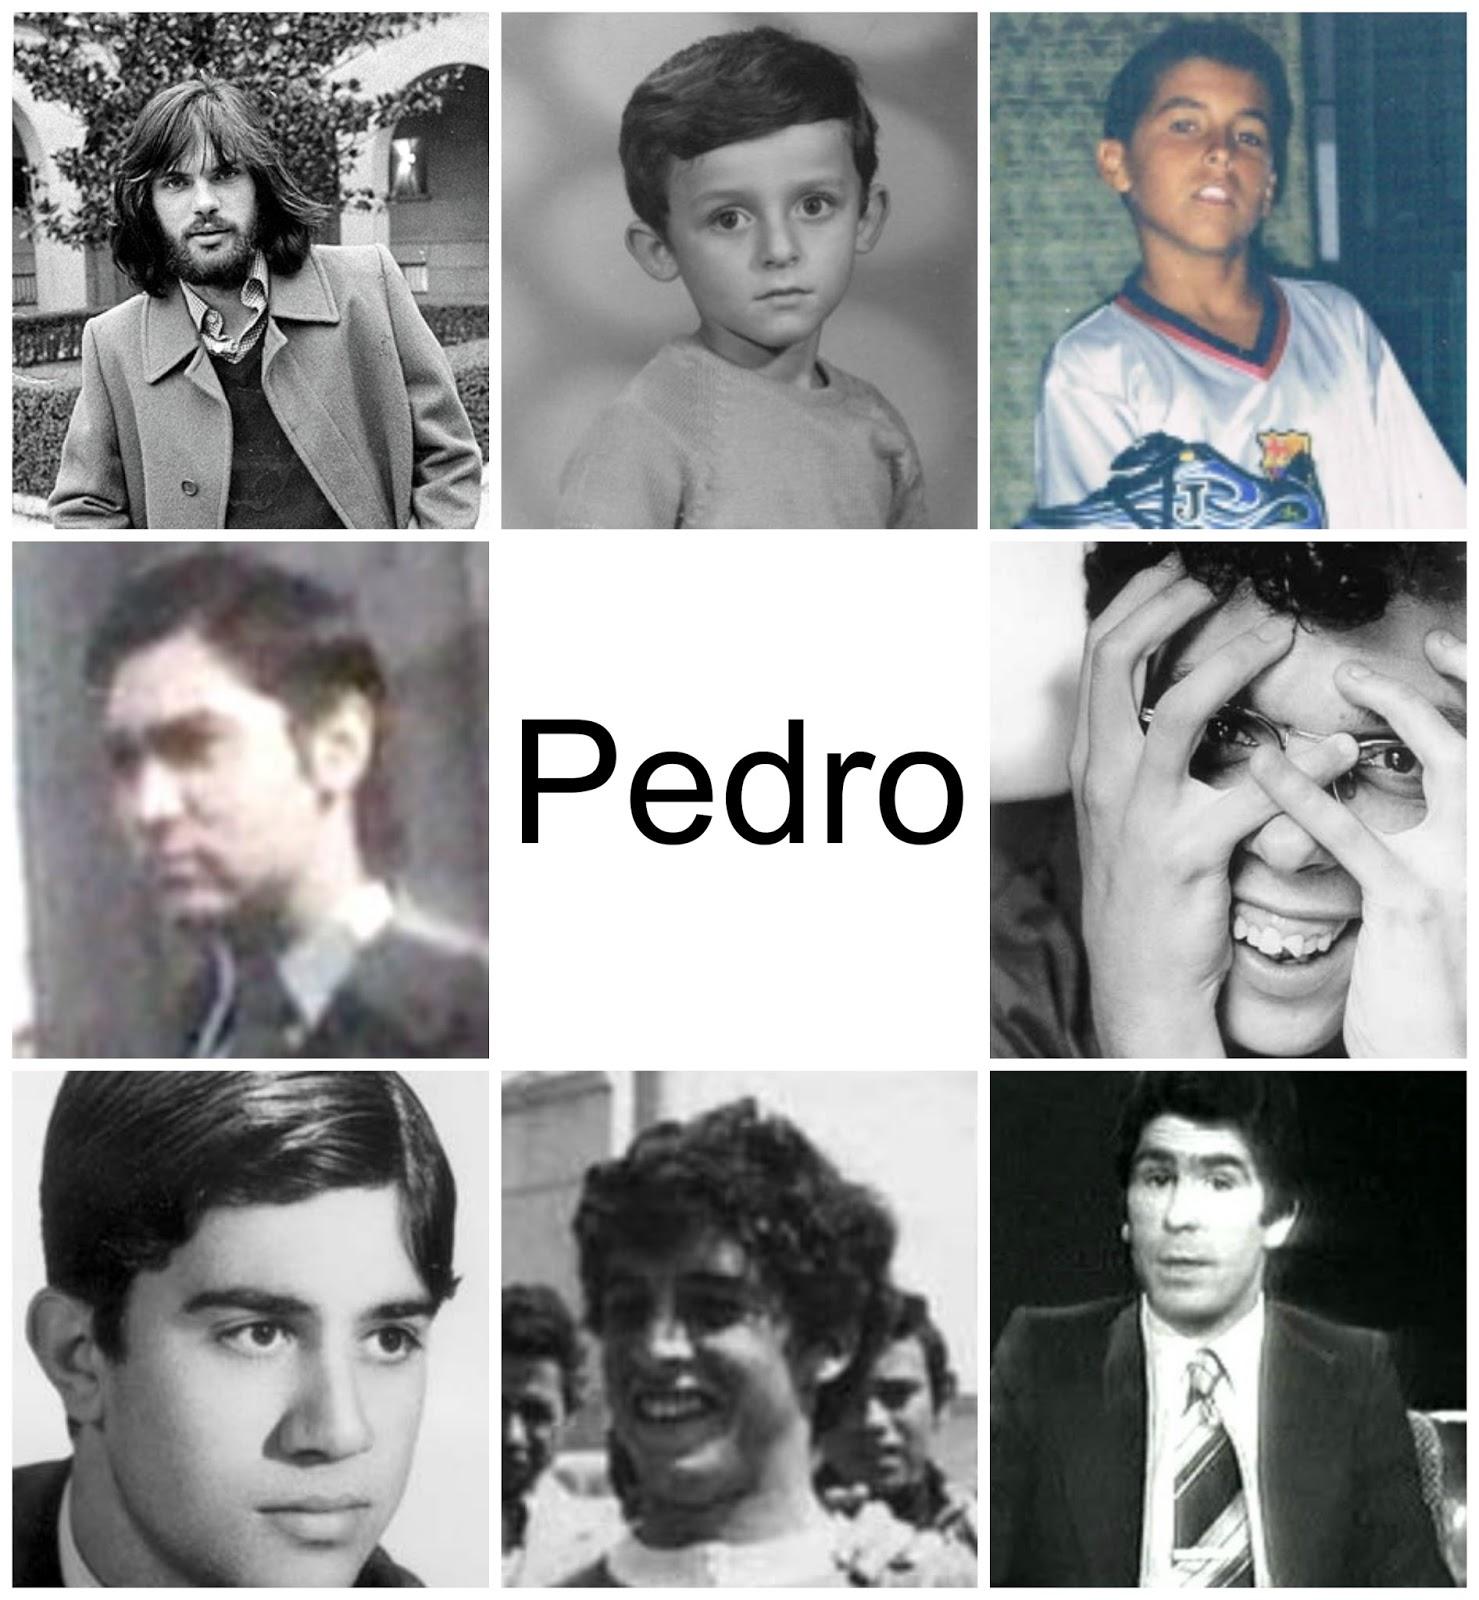 Pedros famosos infancia y juventud